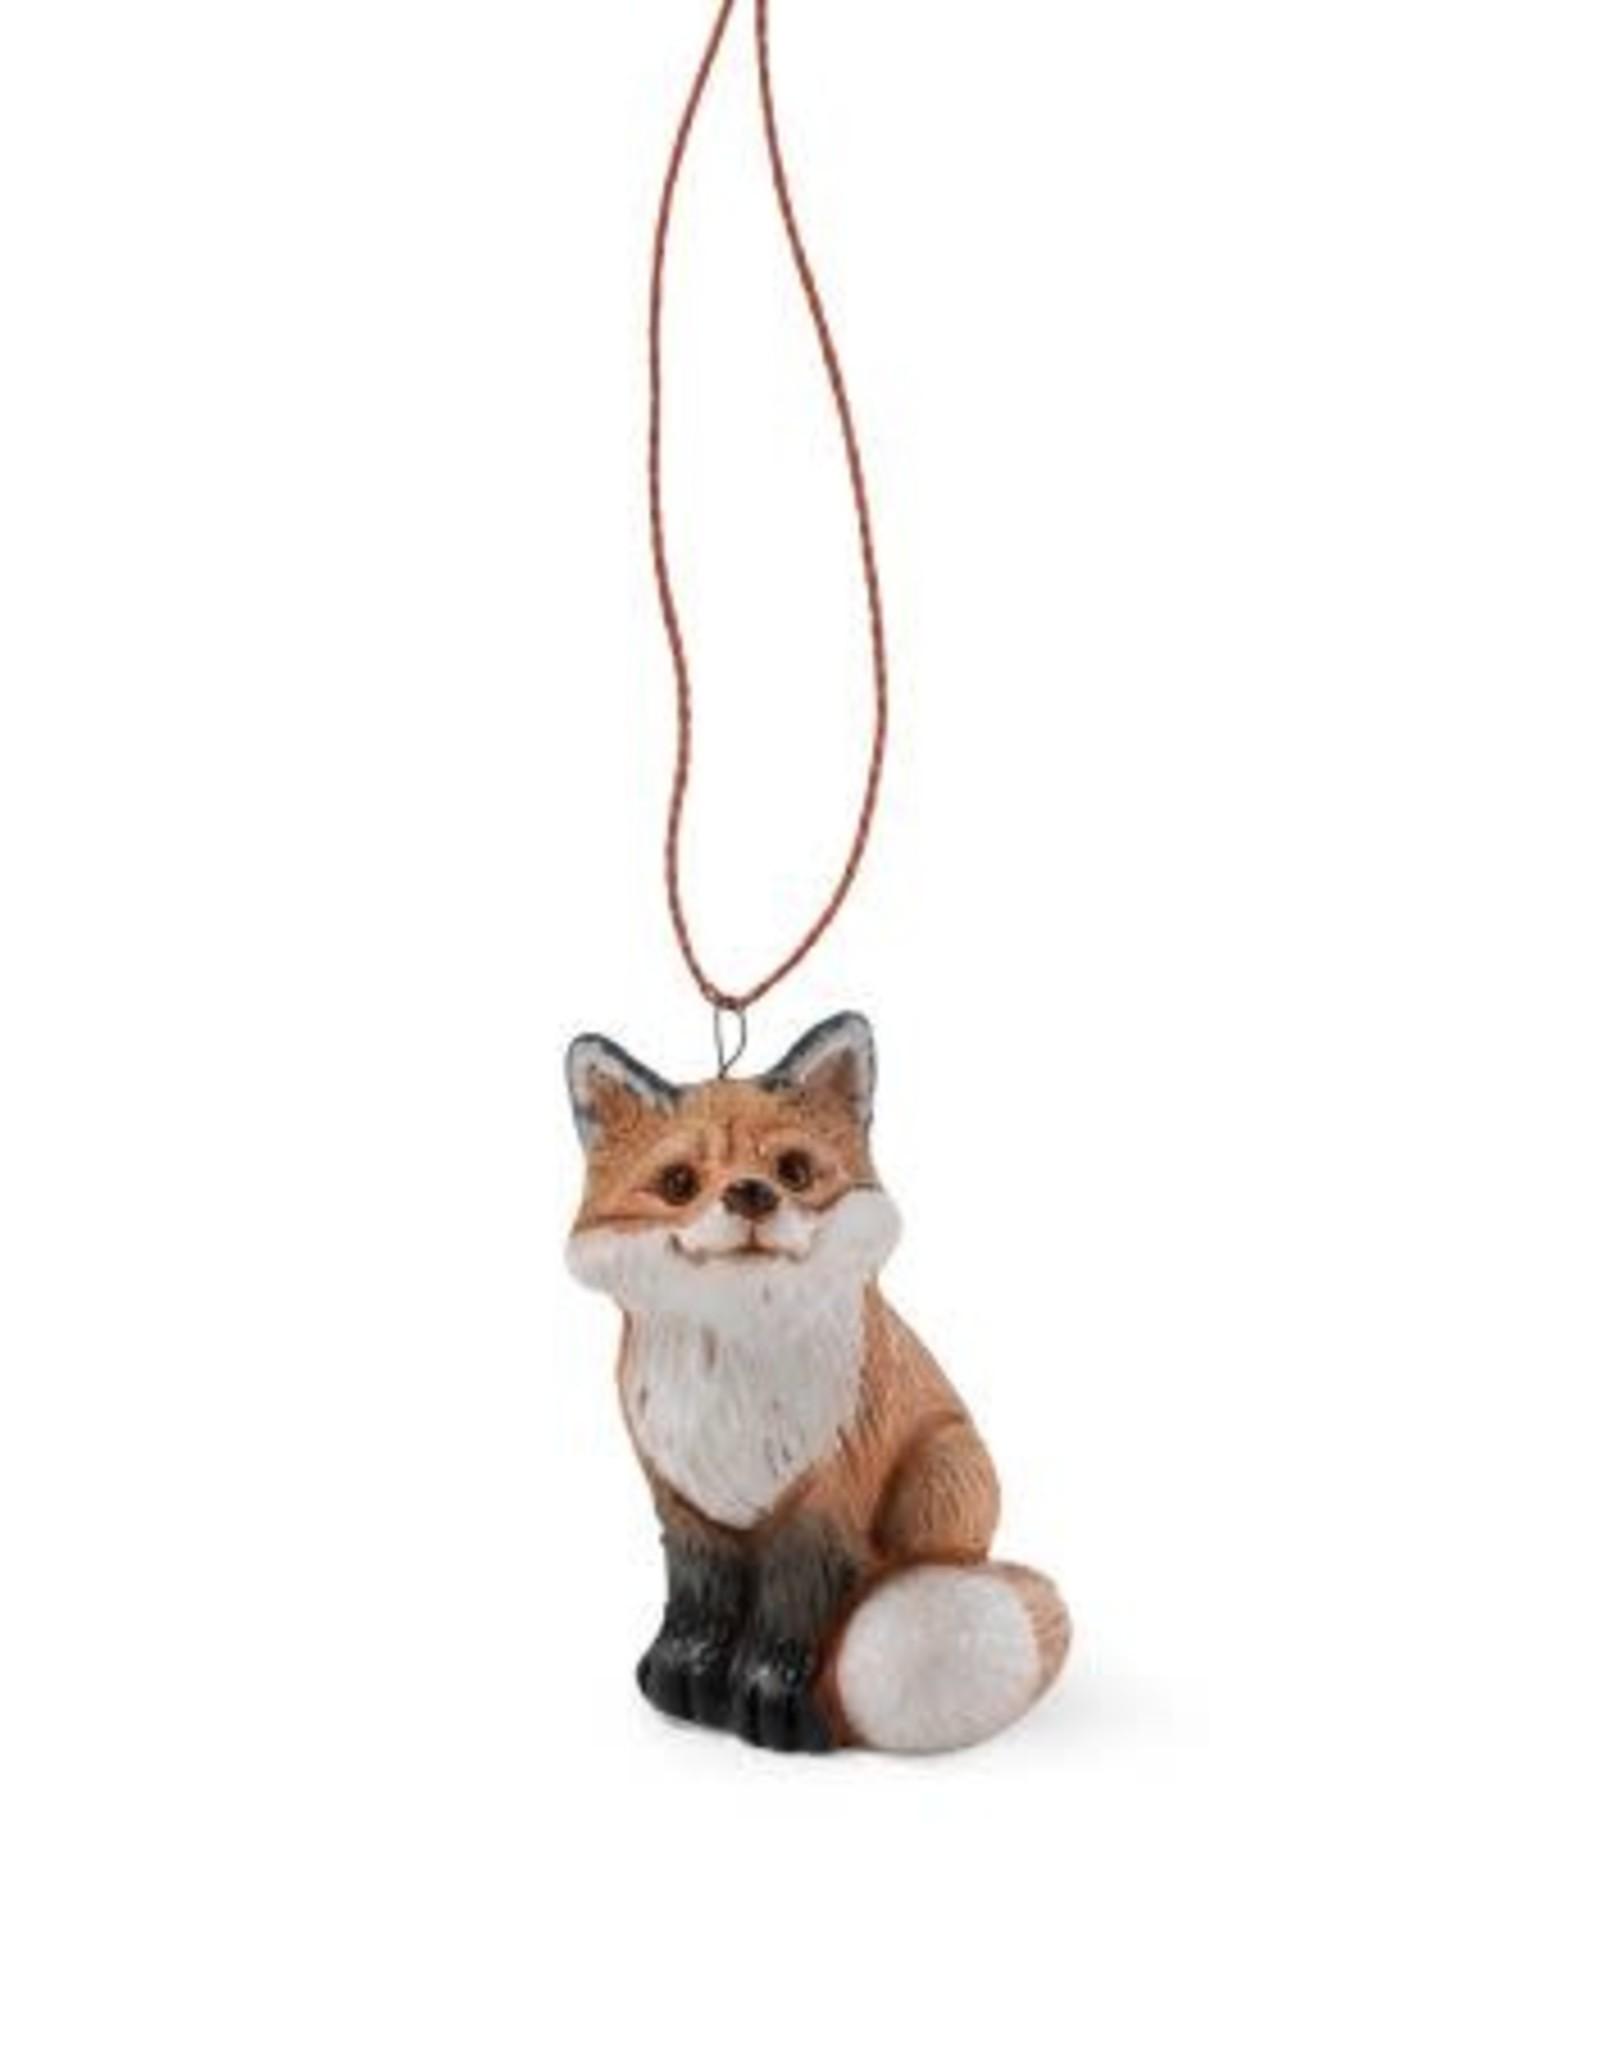 Tame Fox Ornament, Peru